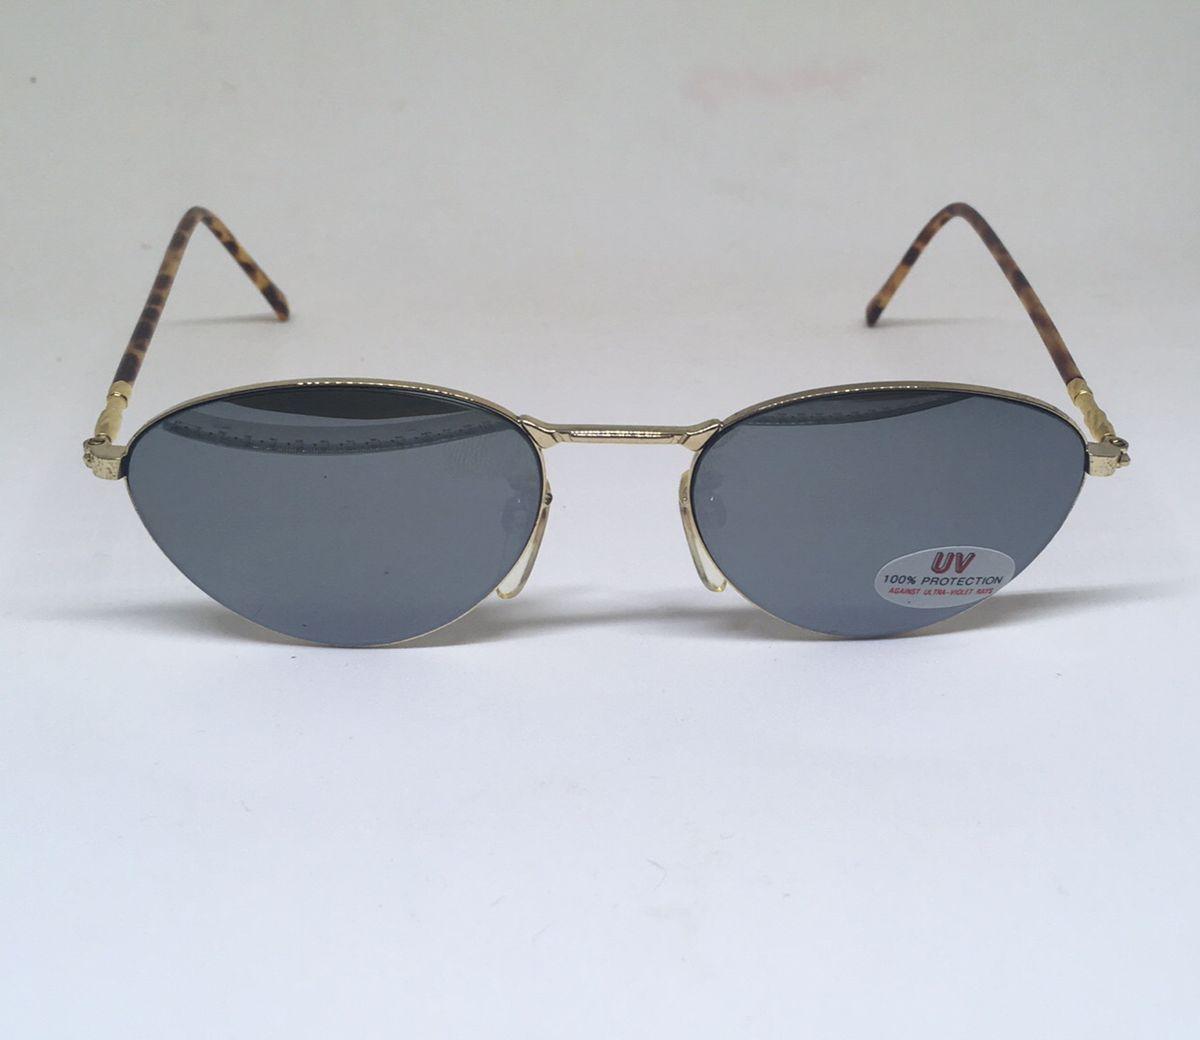 9877758f6 óculos retro lente espelhada - óculos sem marca.  Czm6ly9wag90b3muzw5qb2vplmnvbs5ici9wcm9kdwn0cy84mjqzotc1l2izzdg2ytdmyjm4zwvkyjqxywqwm2zjywu3zjhmytzjlmpwzw